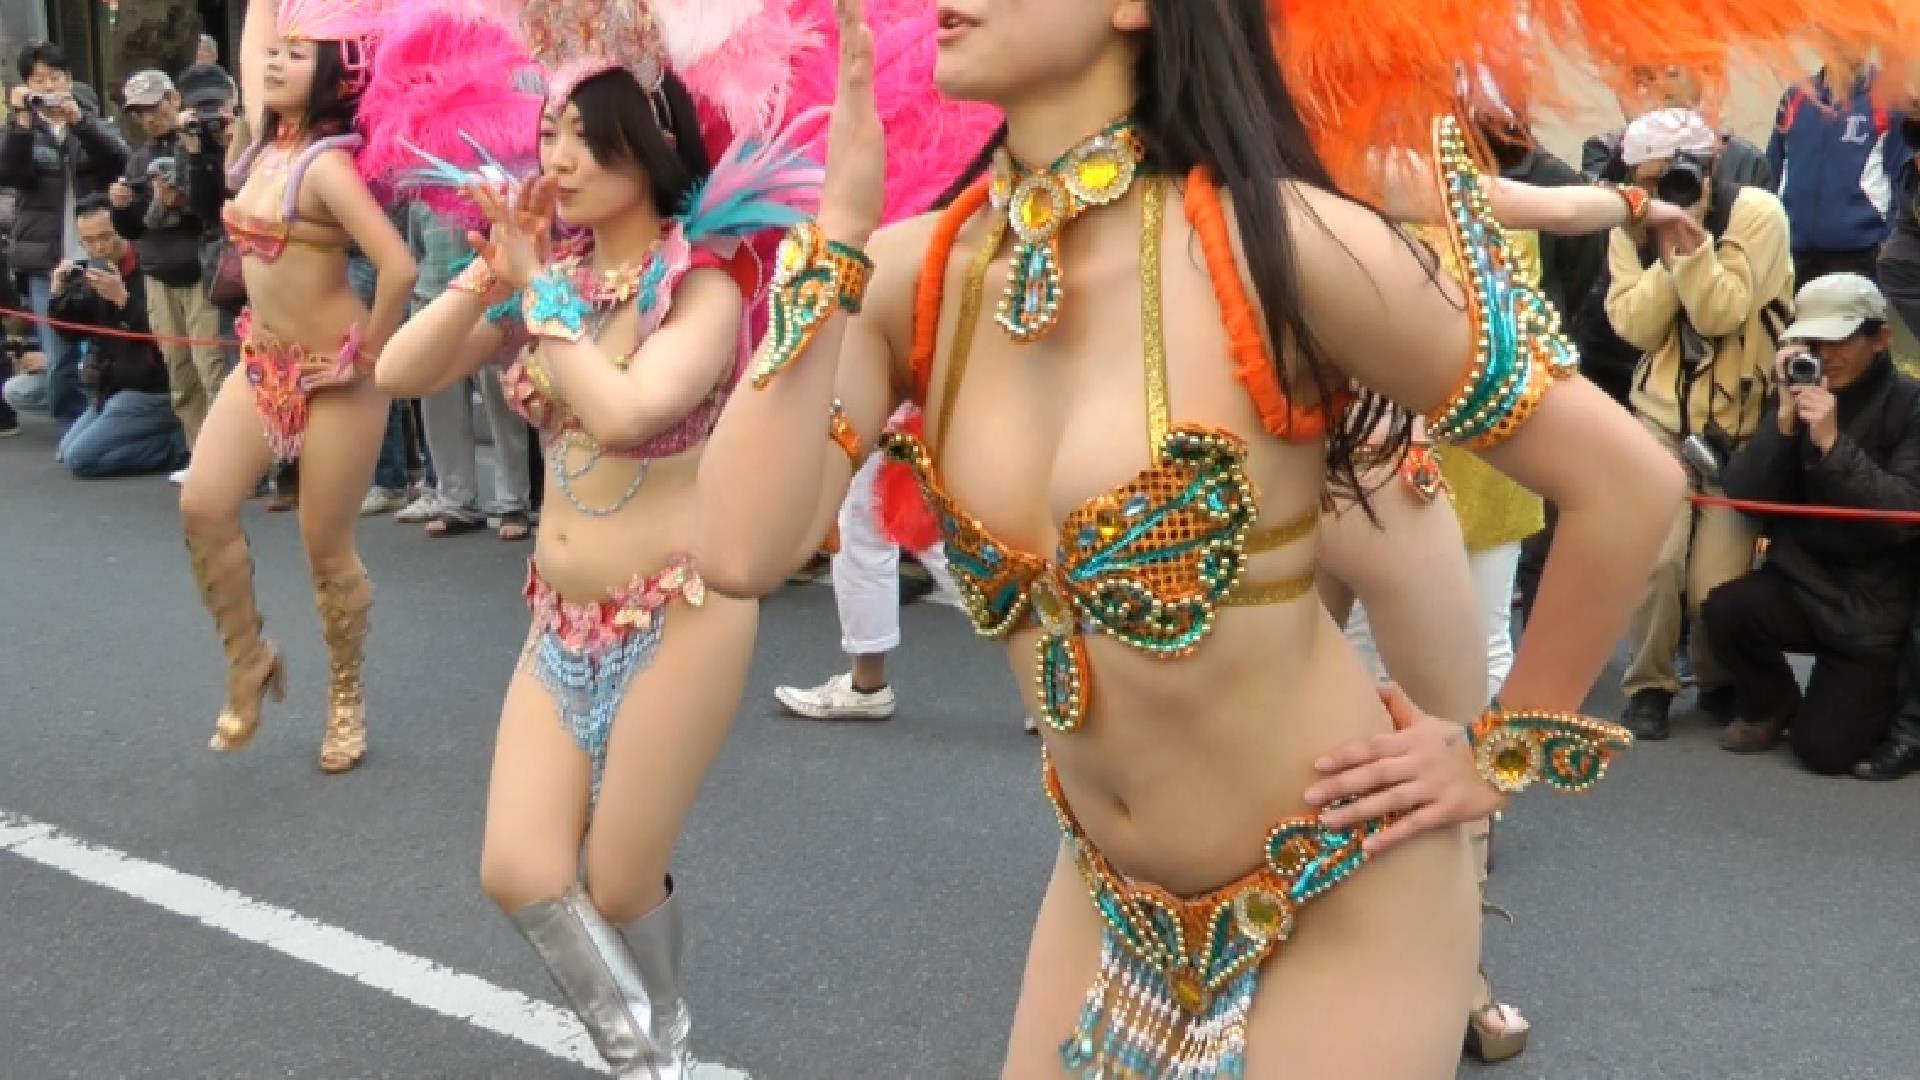 【サンバエロ画像】日本にもあった!本場さながらの衣装で踊るサンバ祭り!